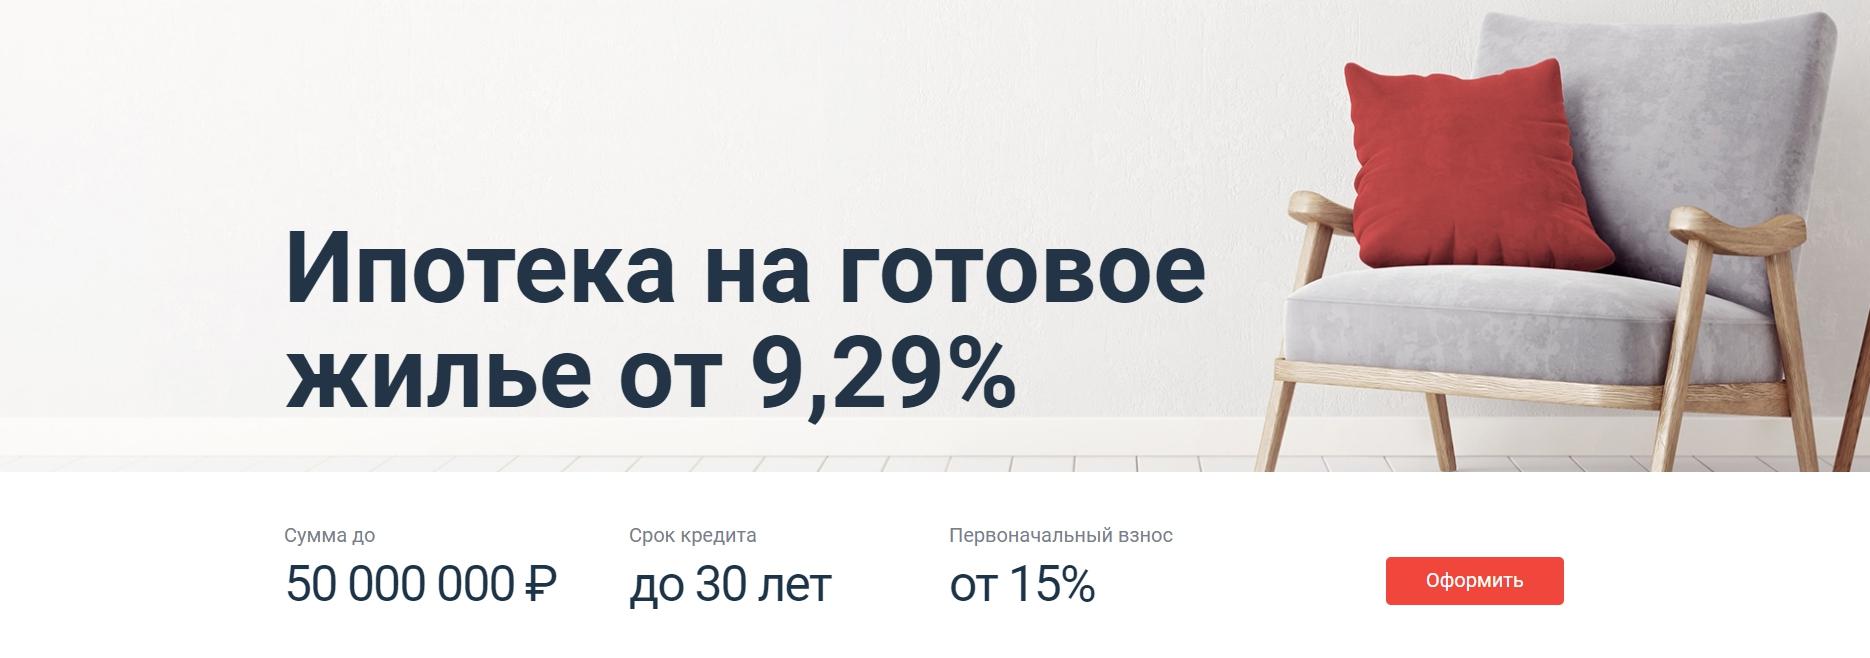 Уральский банк пао сбербанк г екатеринбург бик 046577674 адрес